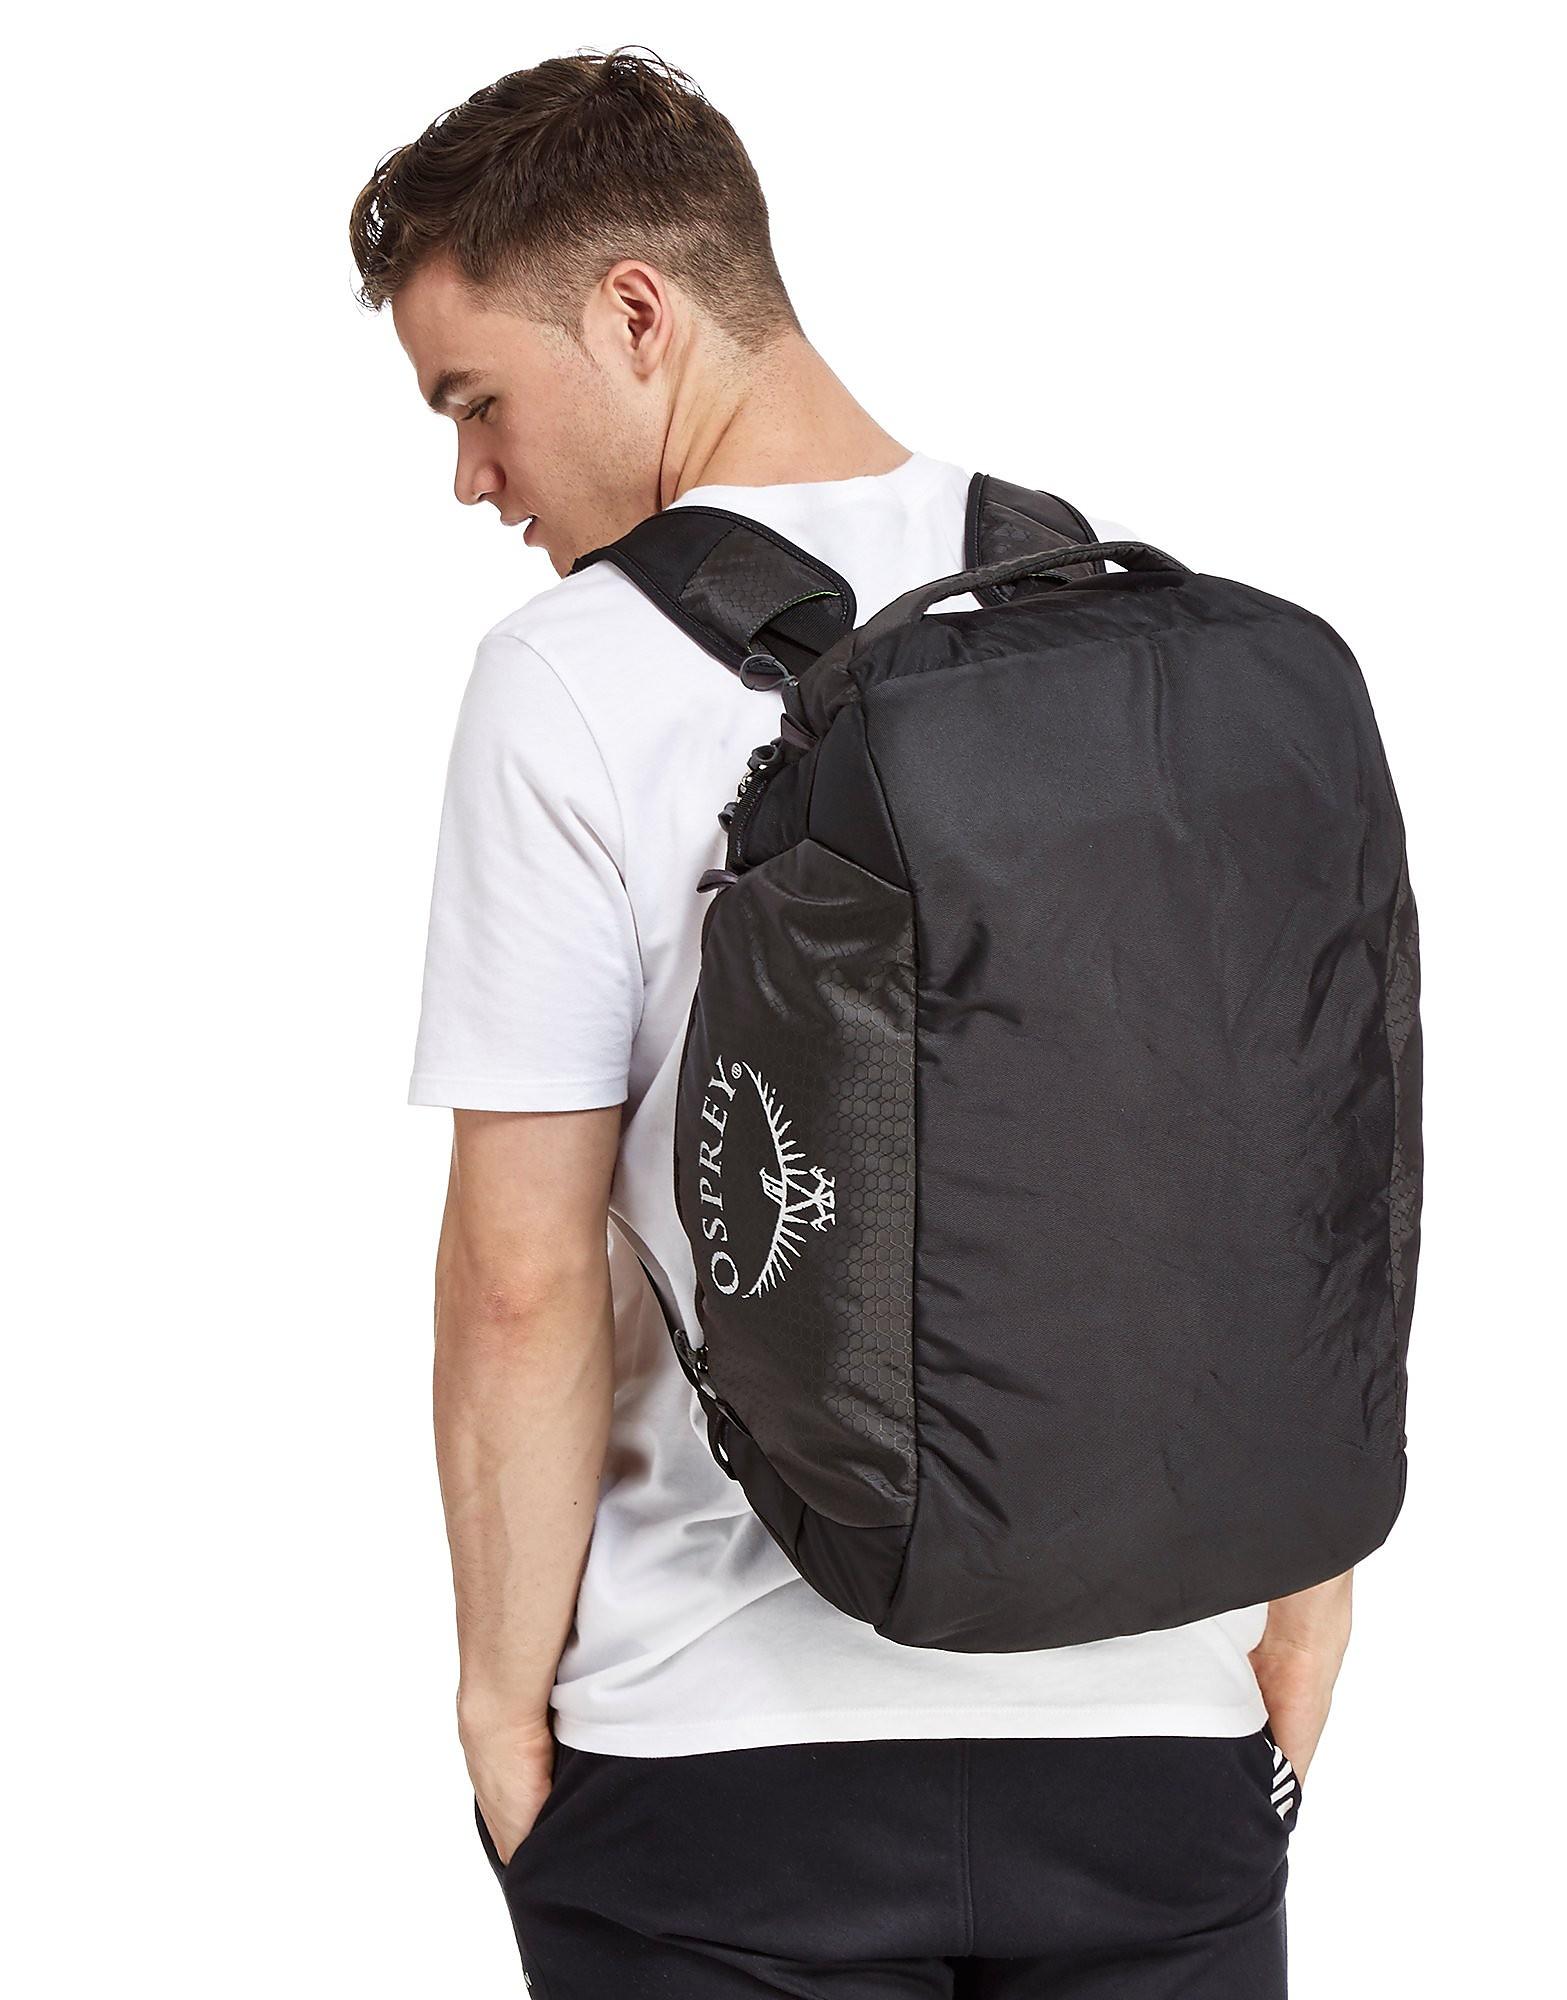 Osprey Transporter 40 Holdall Bag